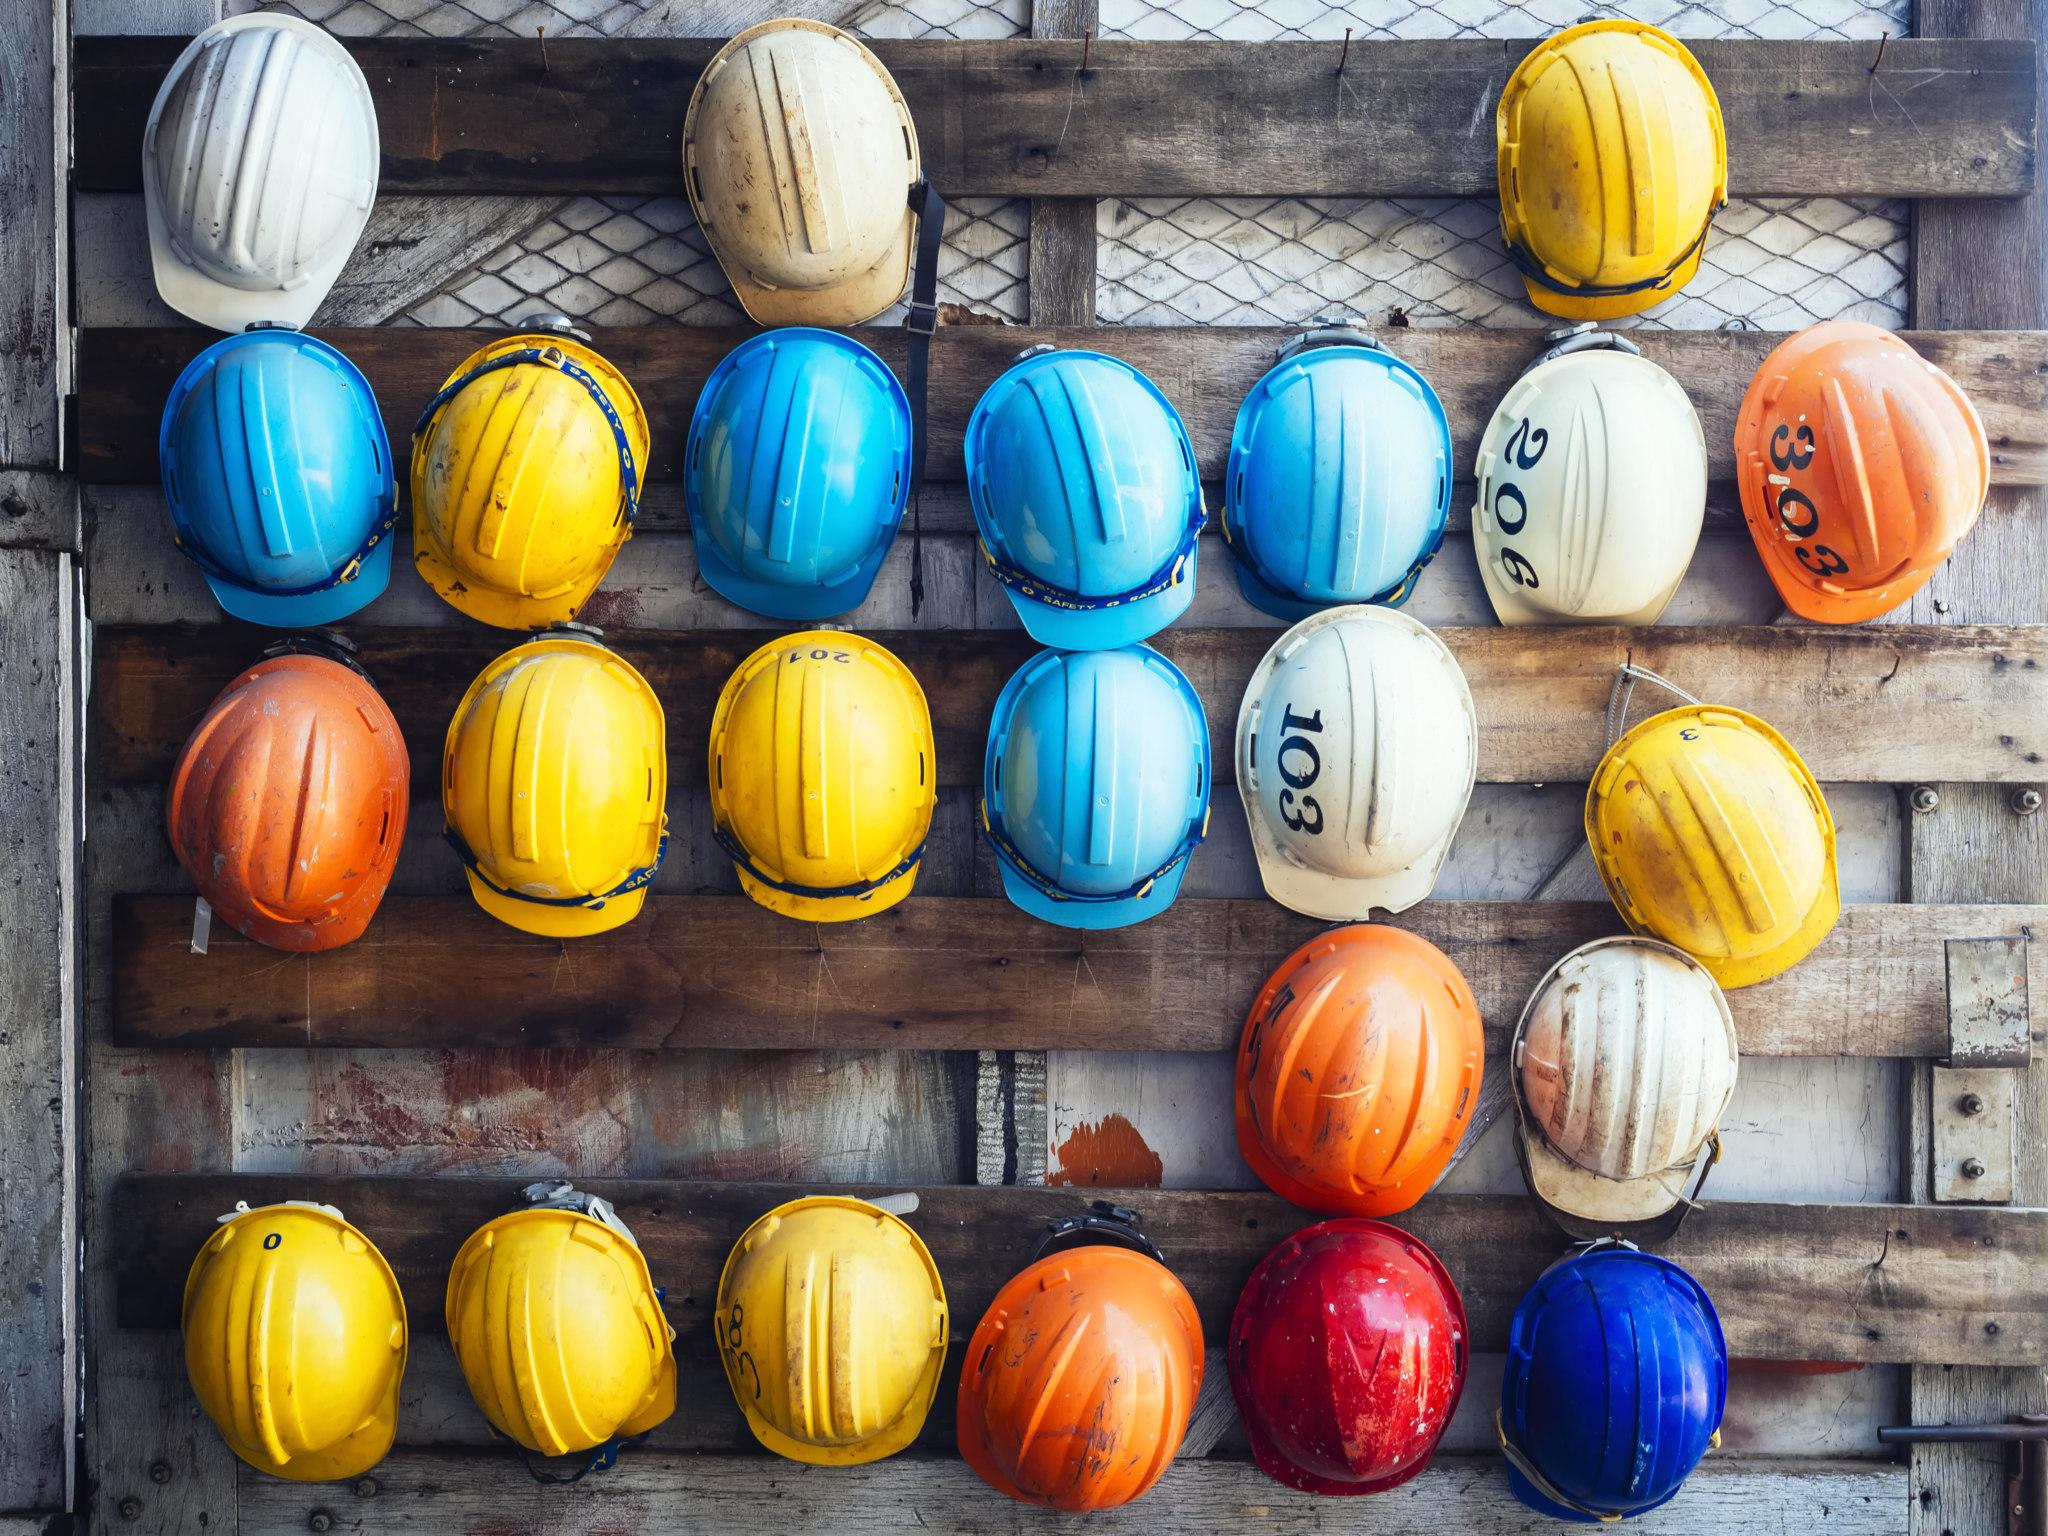 Kölcsönzött munkavállalók szállásolása